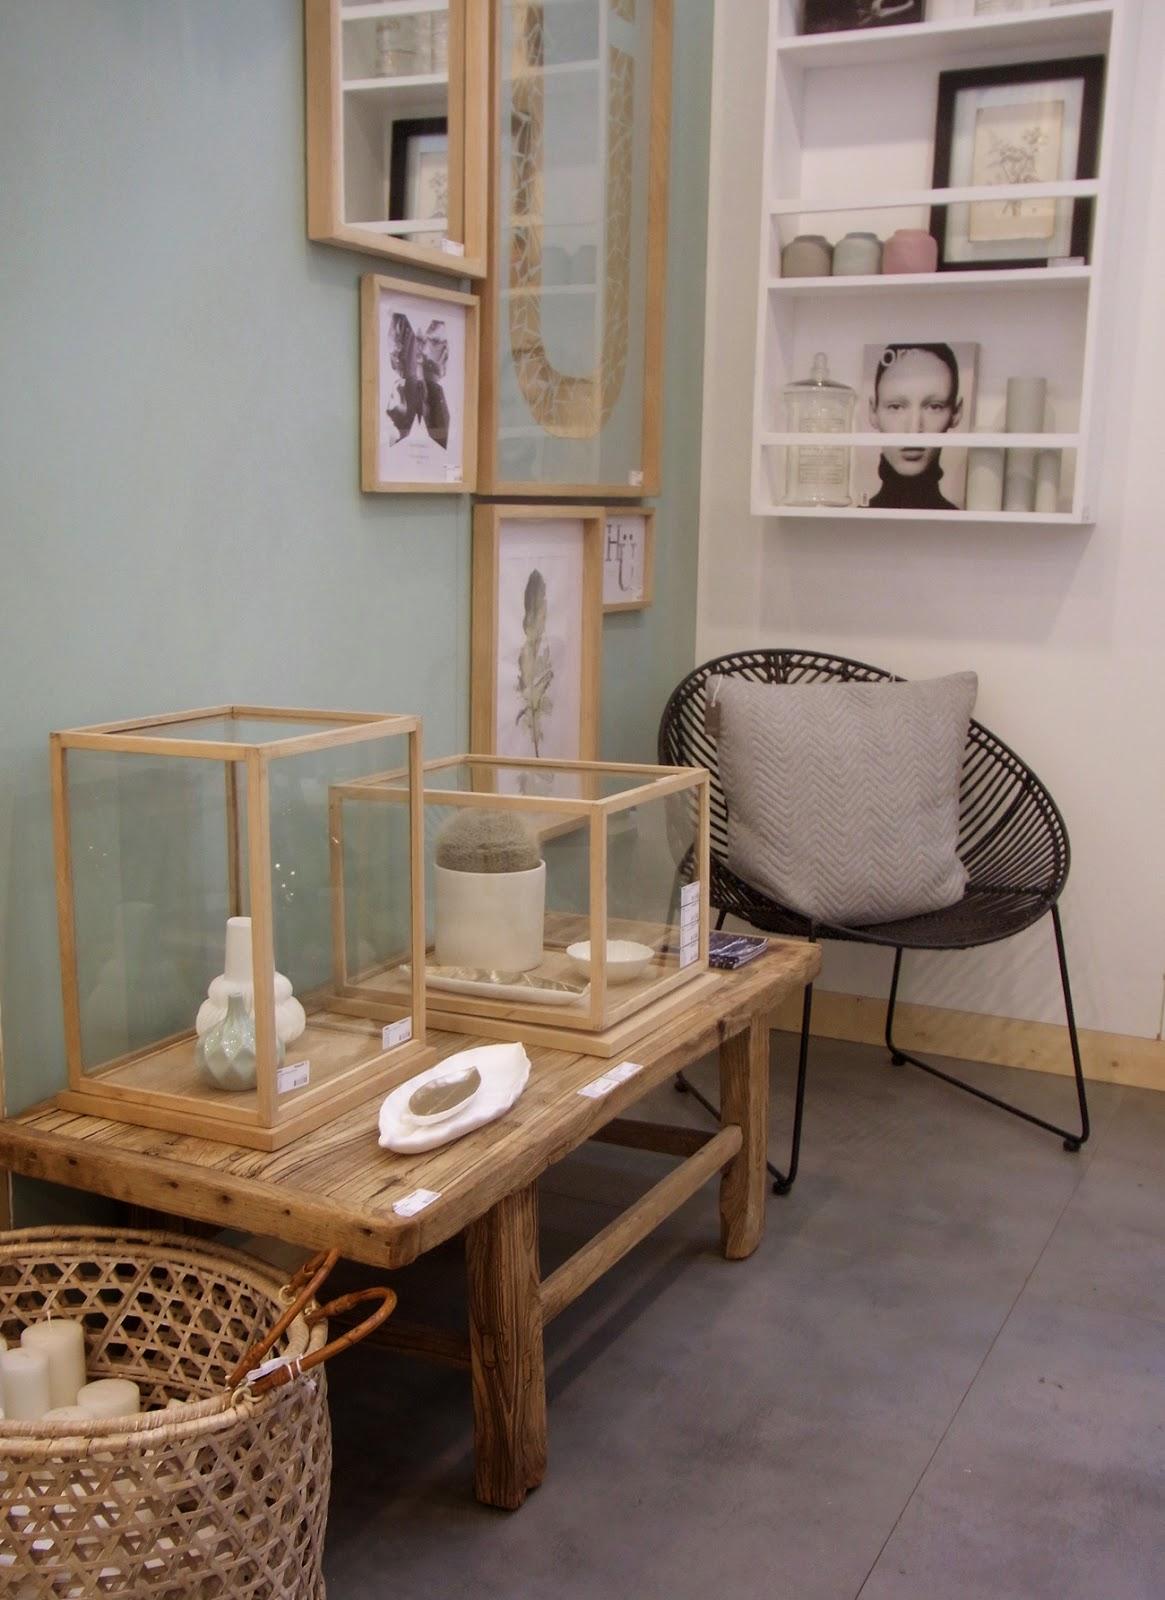 Windlichter Holz, Rattankorb, Korb Rattan, schwarzer Sessel, rustikaler länglicher Holztisch, Tisch Holz, Vasen Keramik weiß grau geometrisch